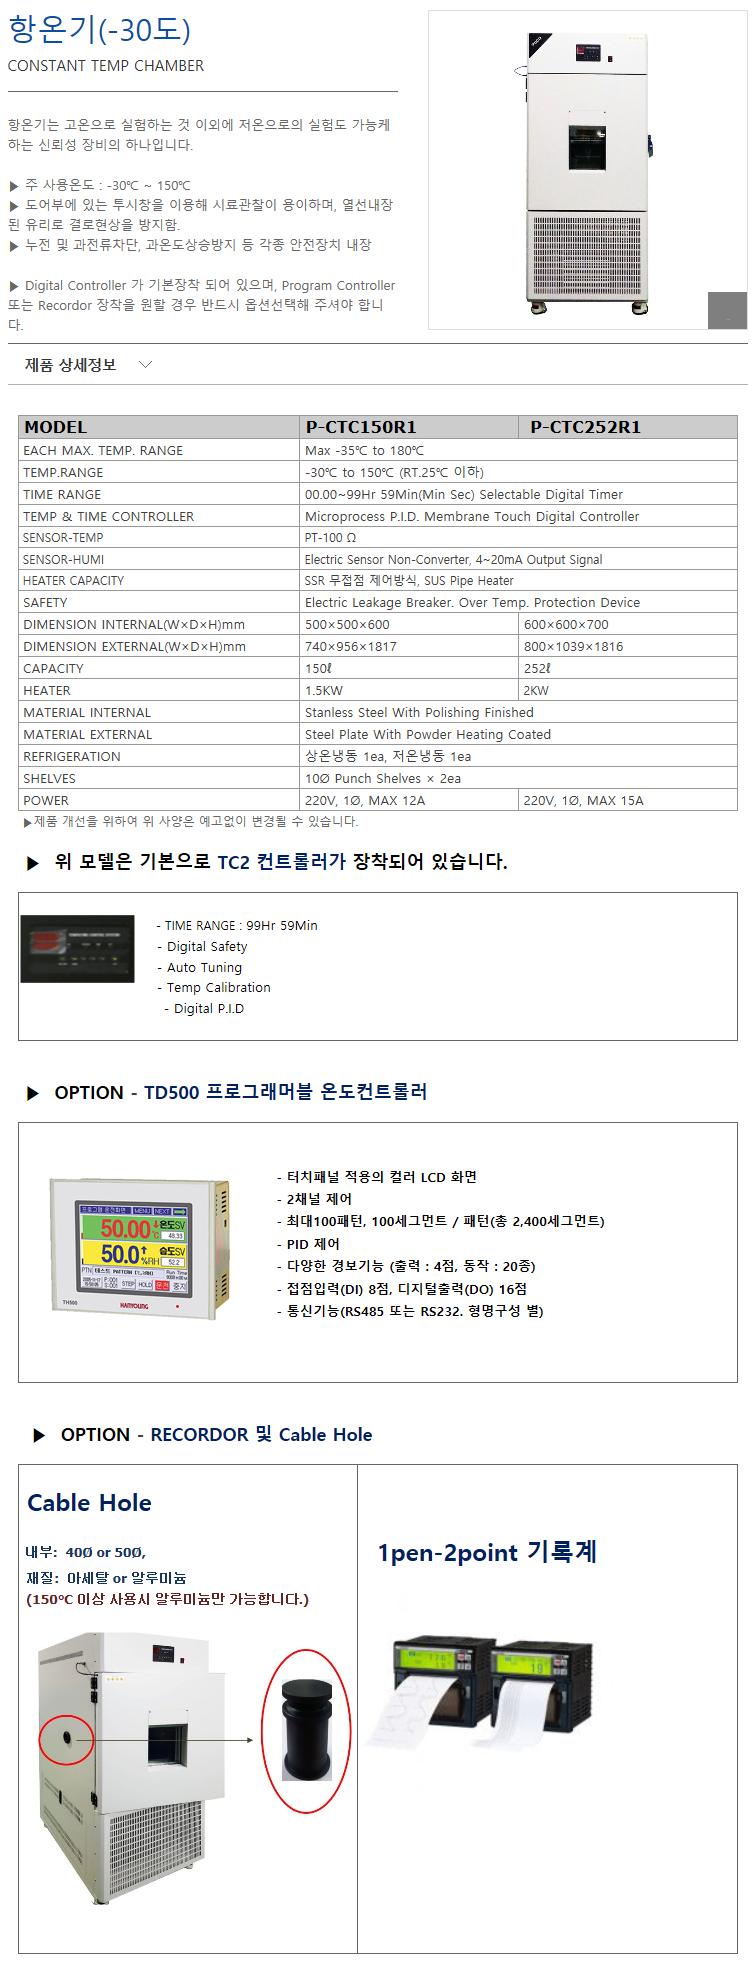 (주)에스씨이엔지 -30℃ P-CTC150R1/CTC252R1